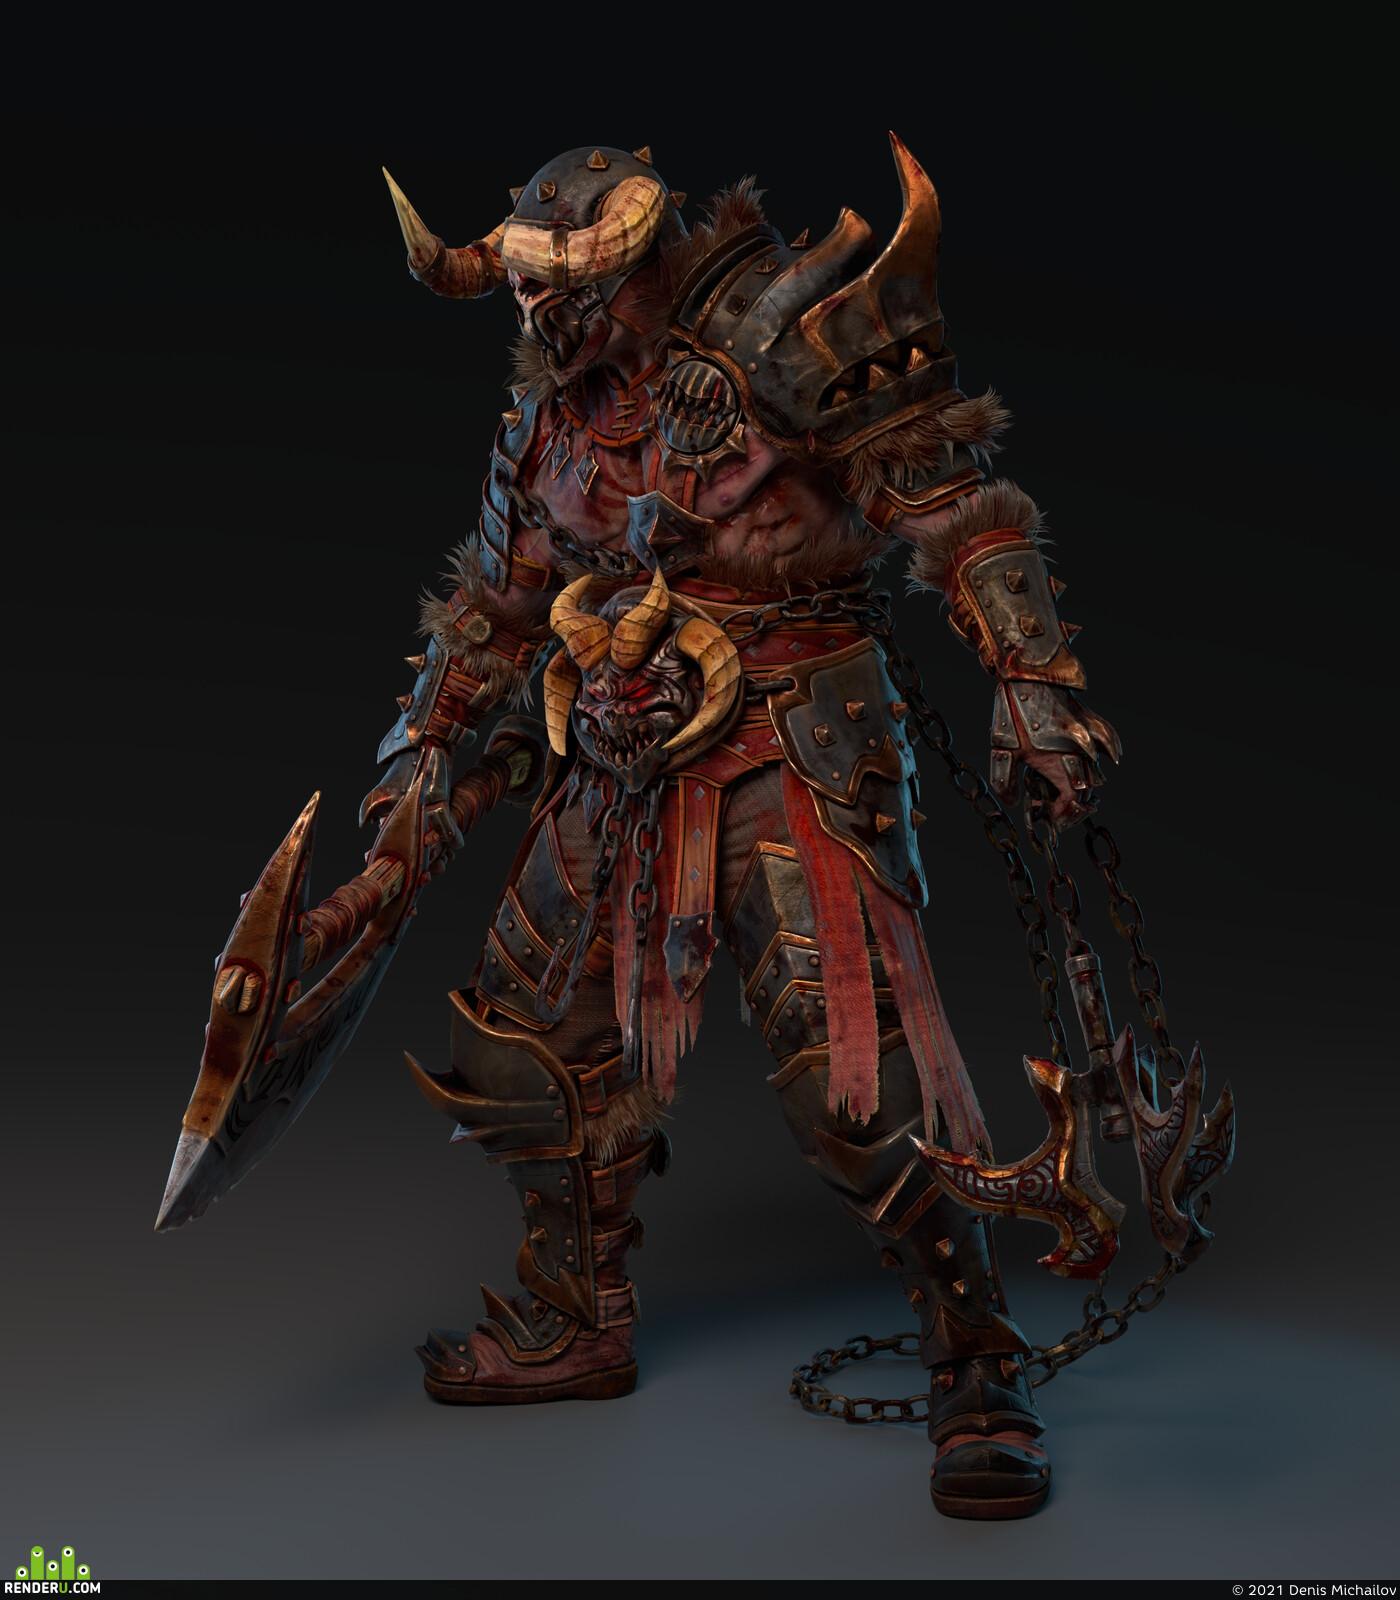 варвар, берсерк, топор, рога, череп, шлем, ярость, броня, фентези, Концепт-арт